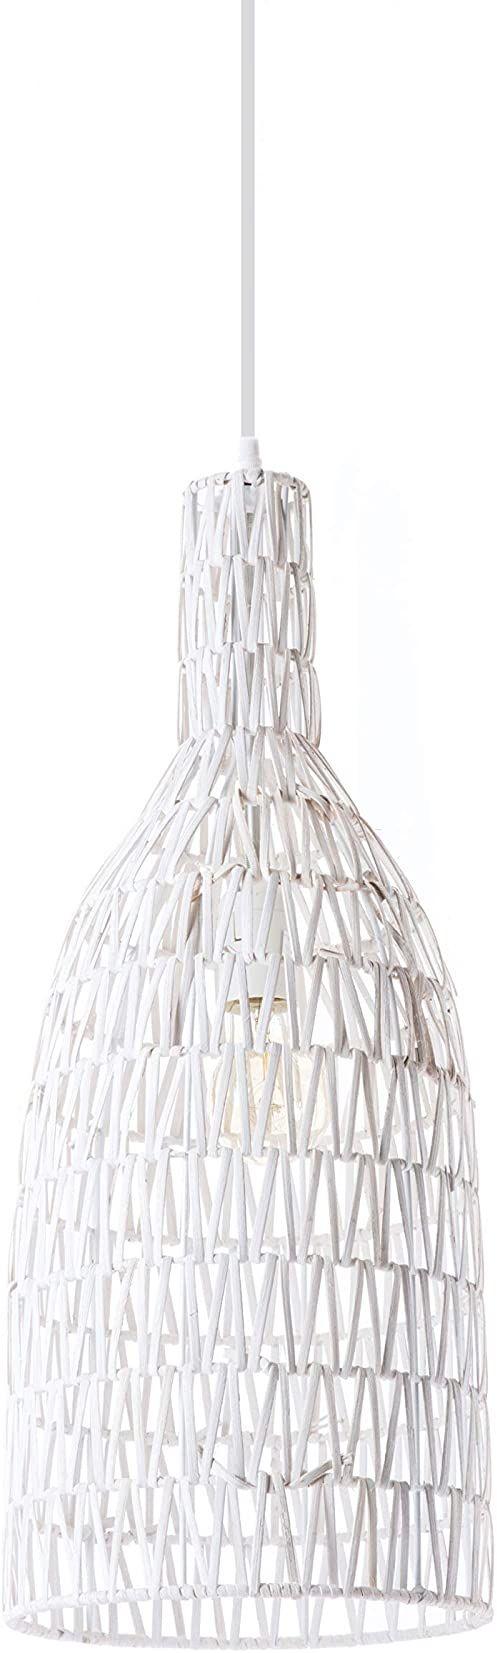 Lussiol 250270 lampa wisząca, rattan, 60 W, biała, ø 22 x wys. 60 cm